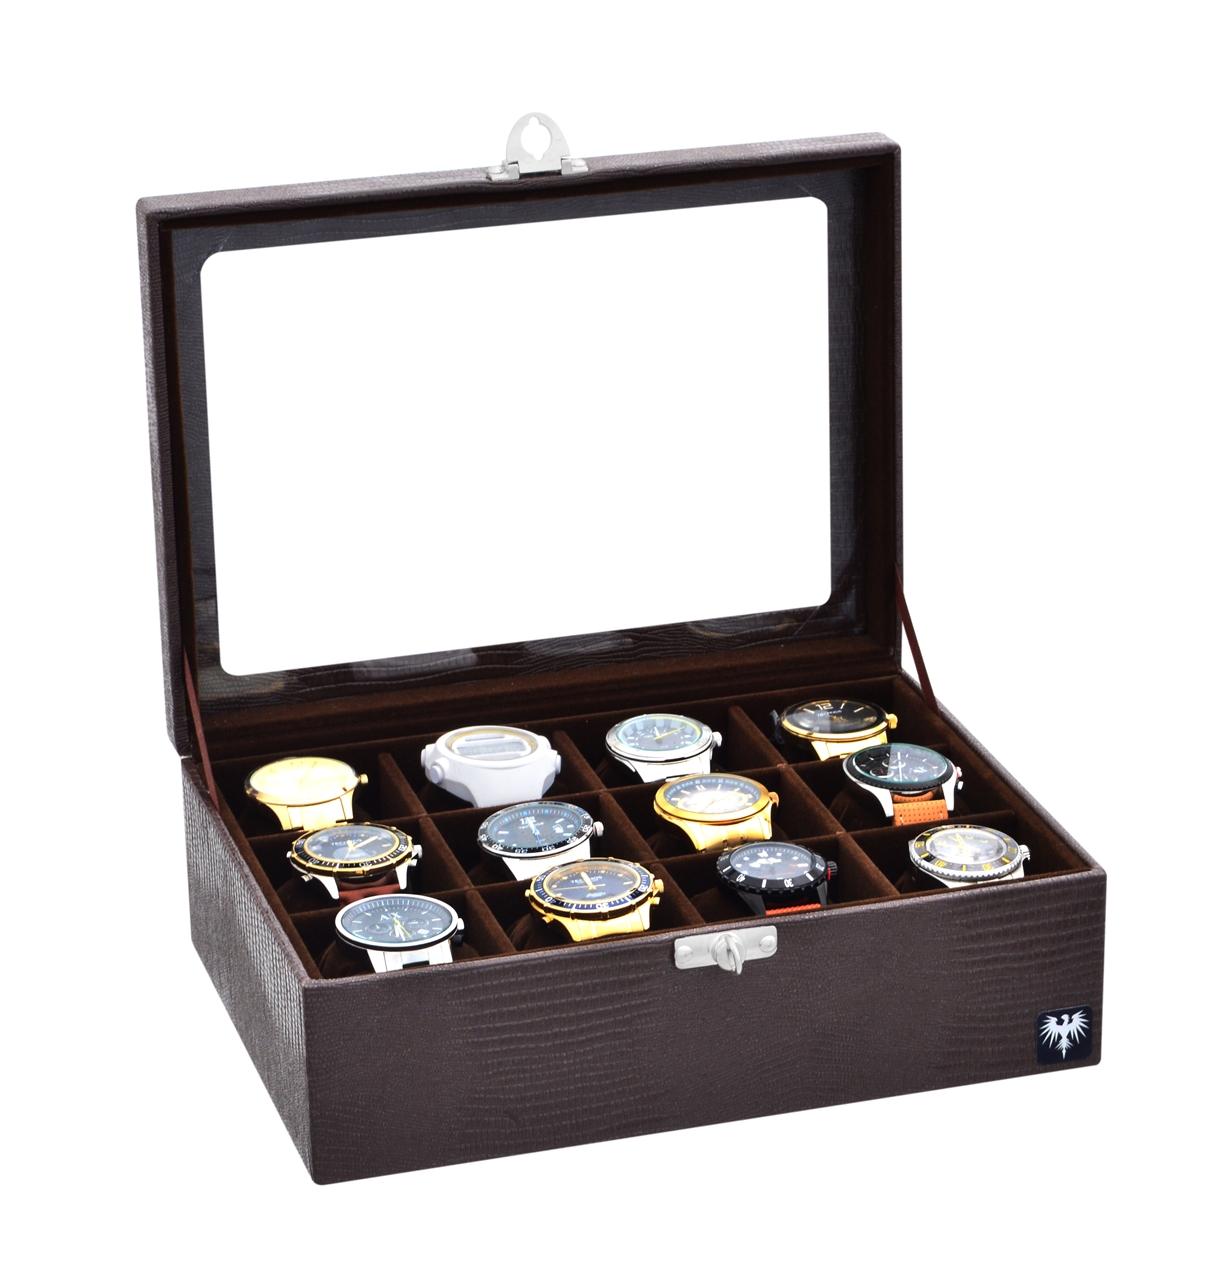 estojo-couro-ecologico-12-relogios-marrom-marrom-porta-caixa-imagem-8.jpg